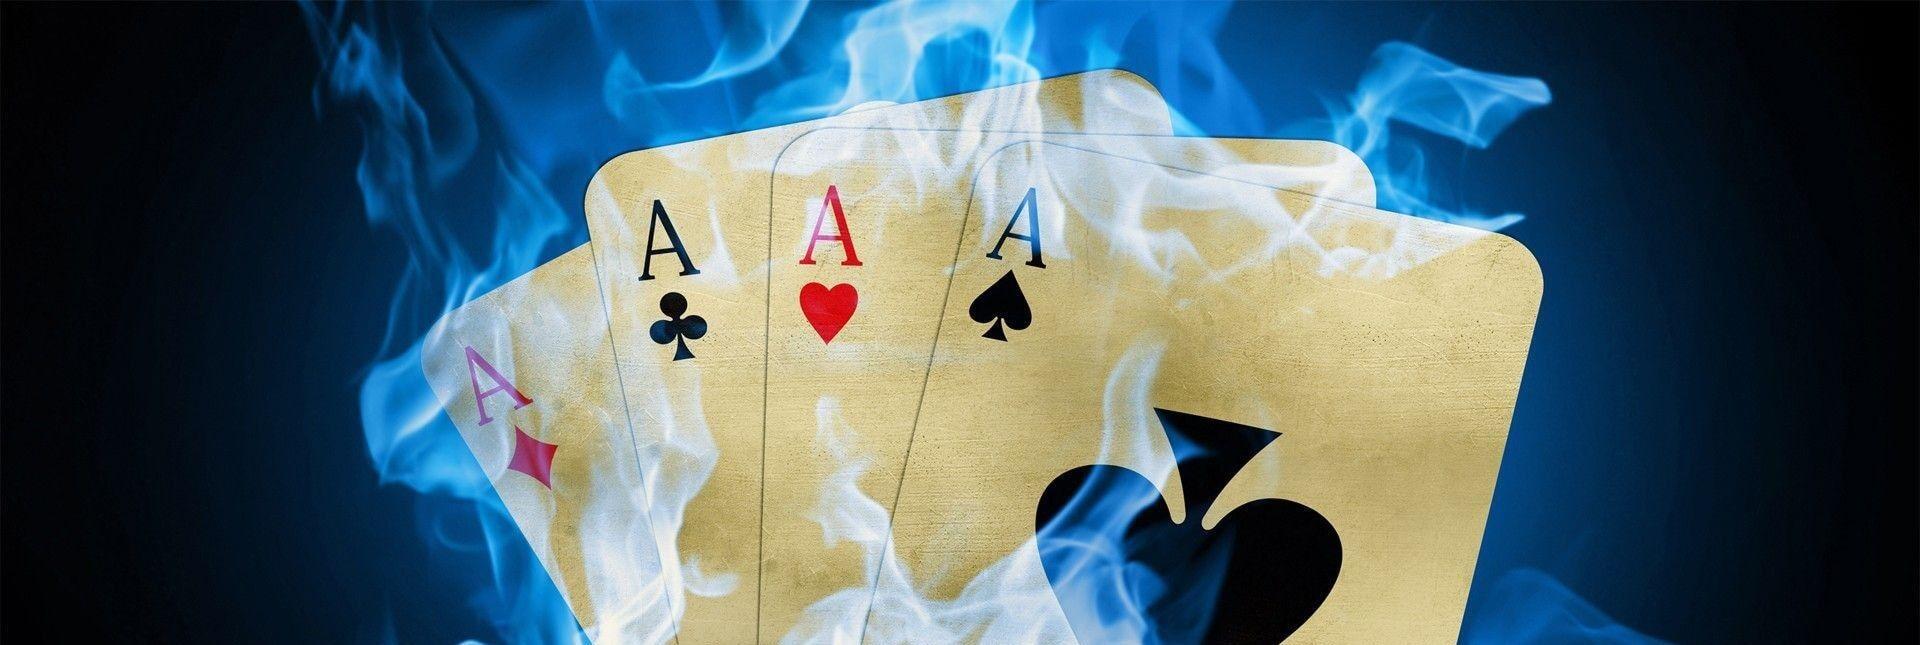 Pearce Gambling